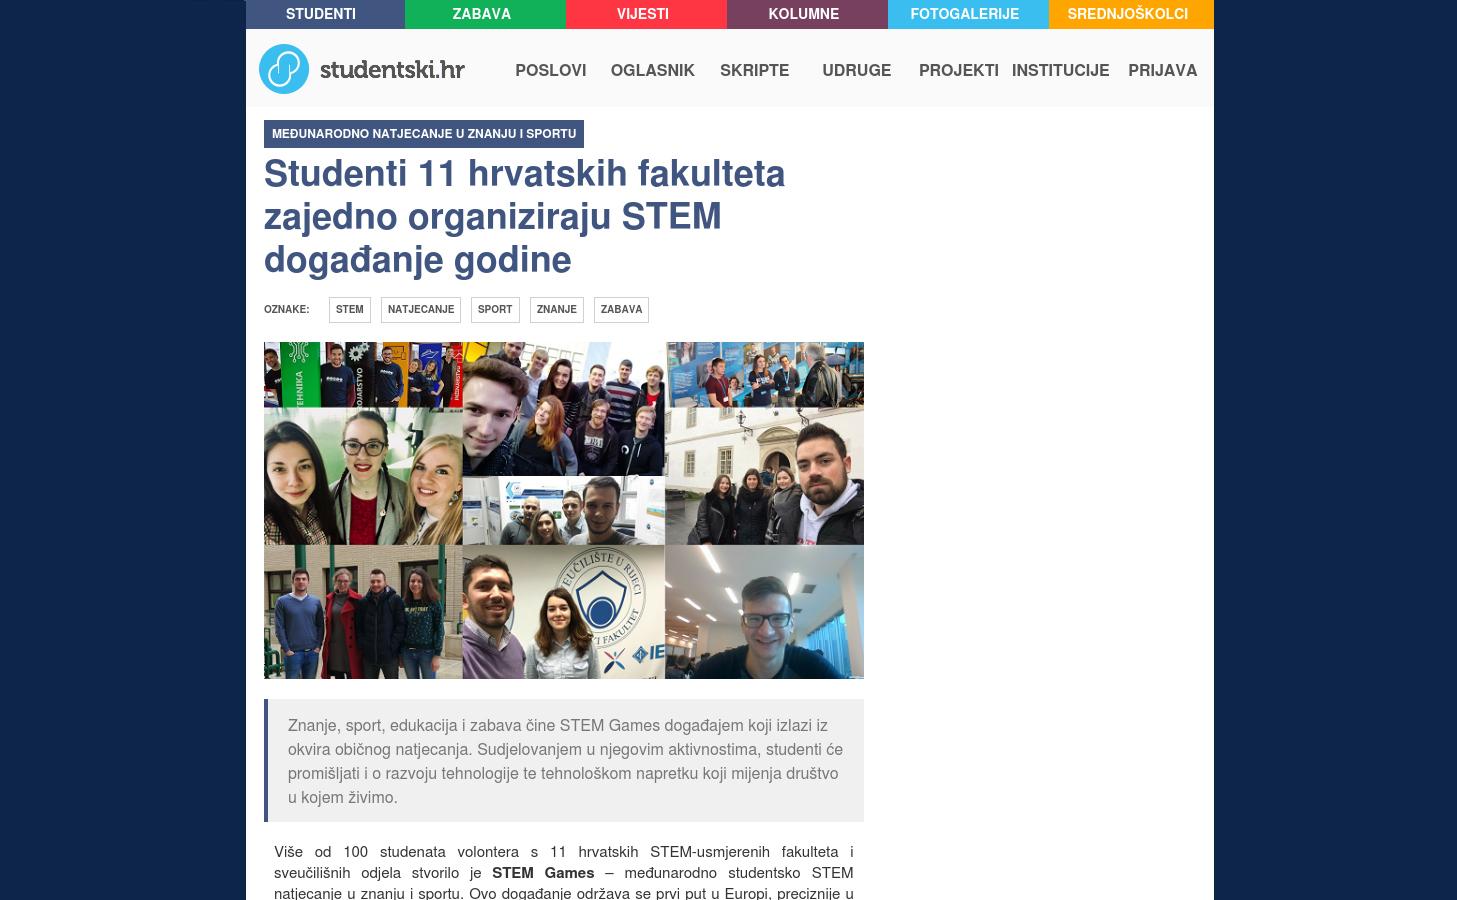 2018-06-01-22_30_00-studenti-11-hrvatskih-fakulteta-zajedno-organiziraju-stem-dogadanje-godine